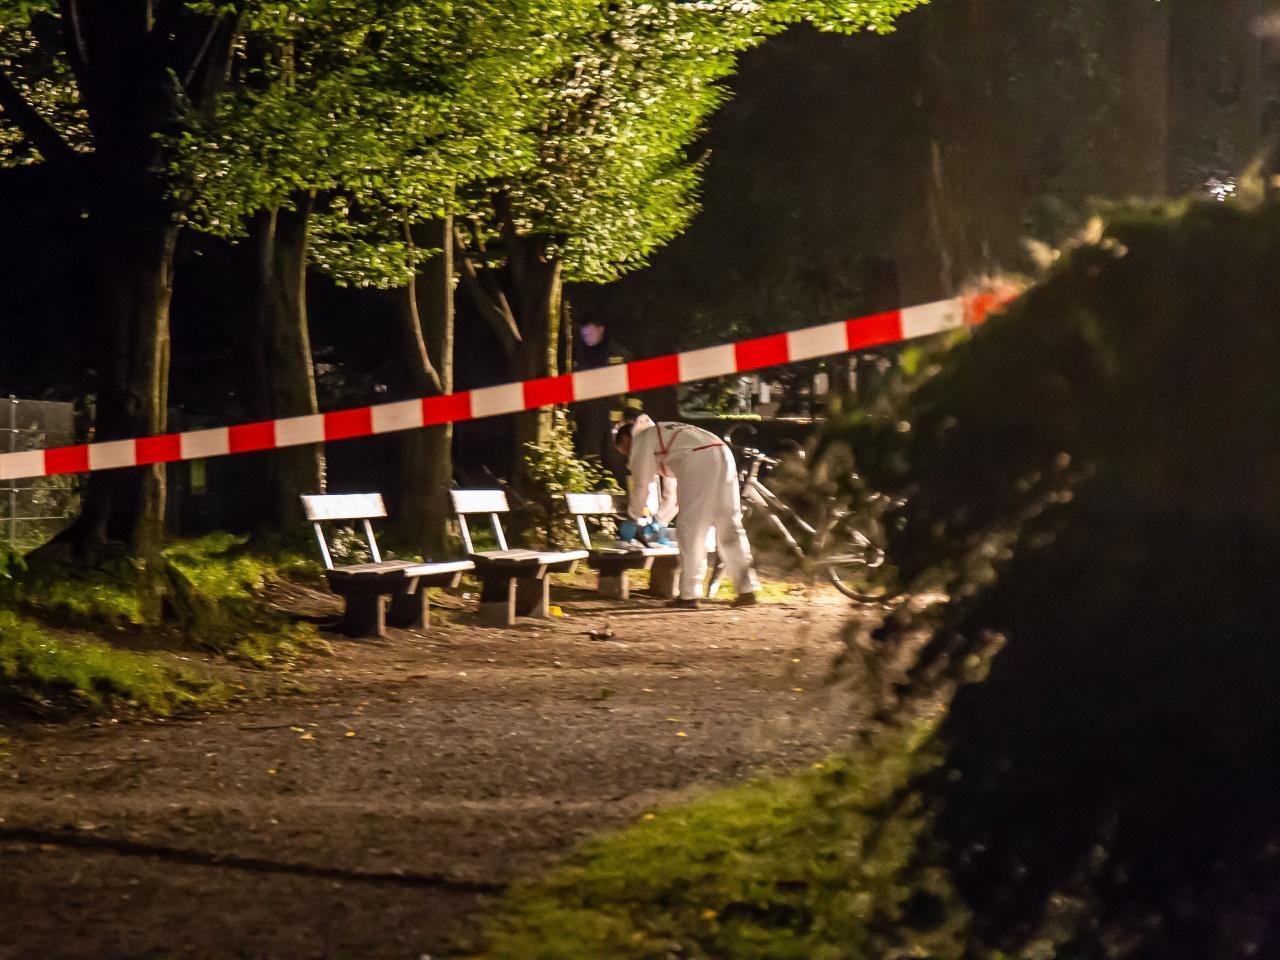 Mann bei Schießerei in Salzburg schwer verletzt - Motiv noch unklar